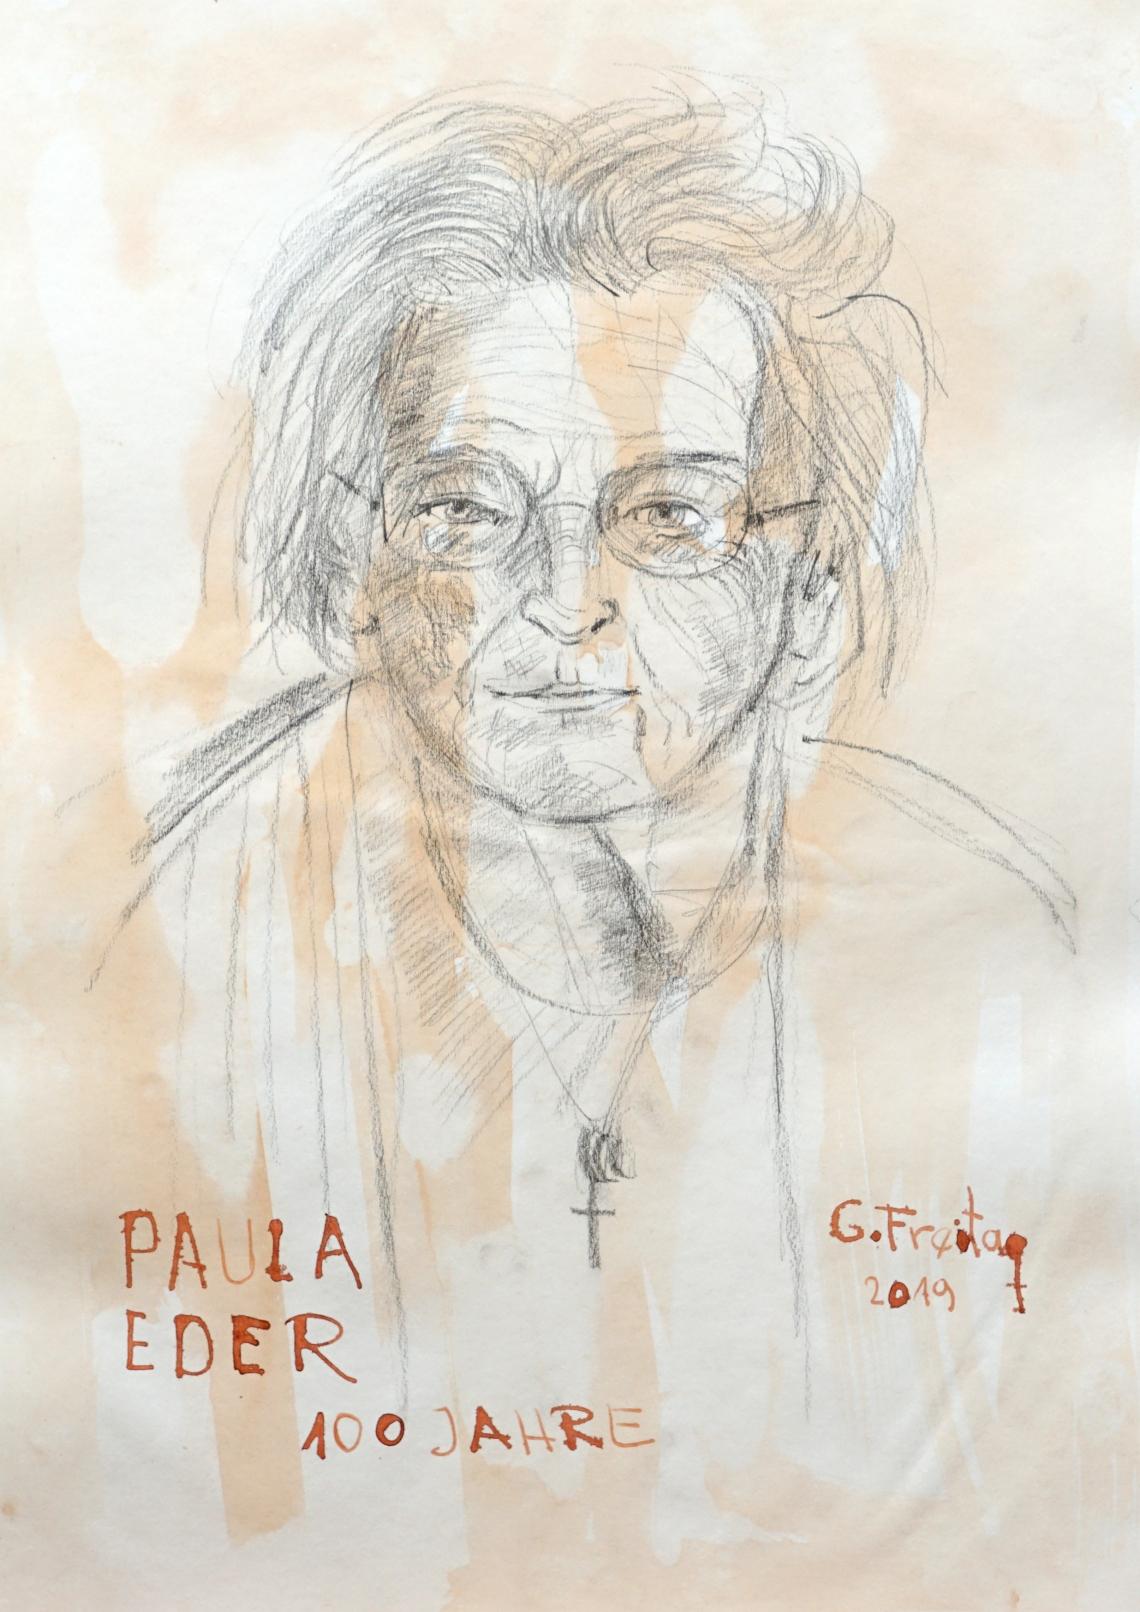 Paula Eder